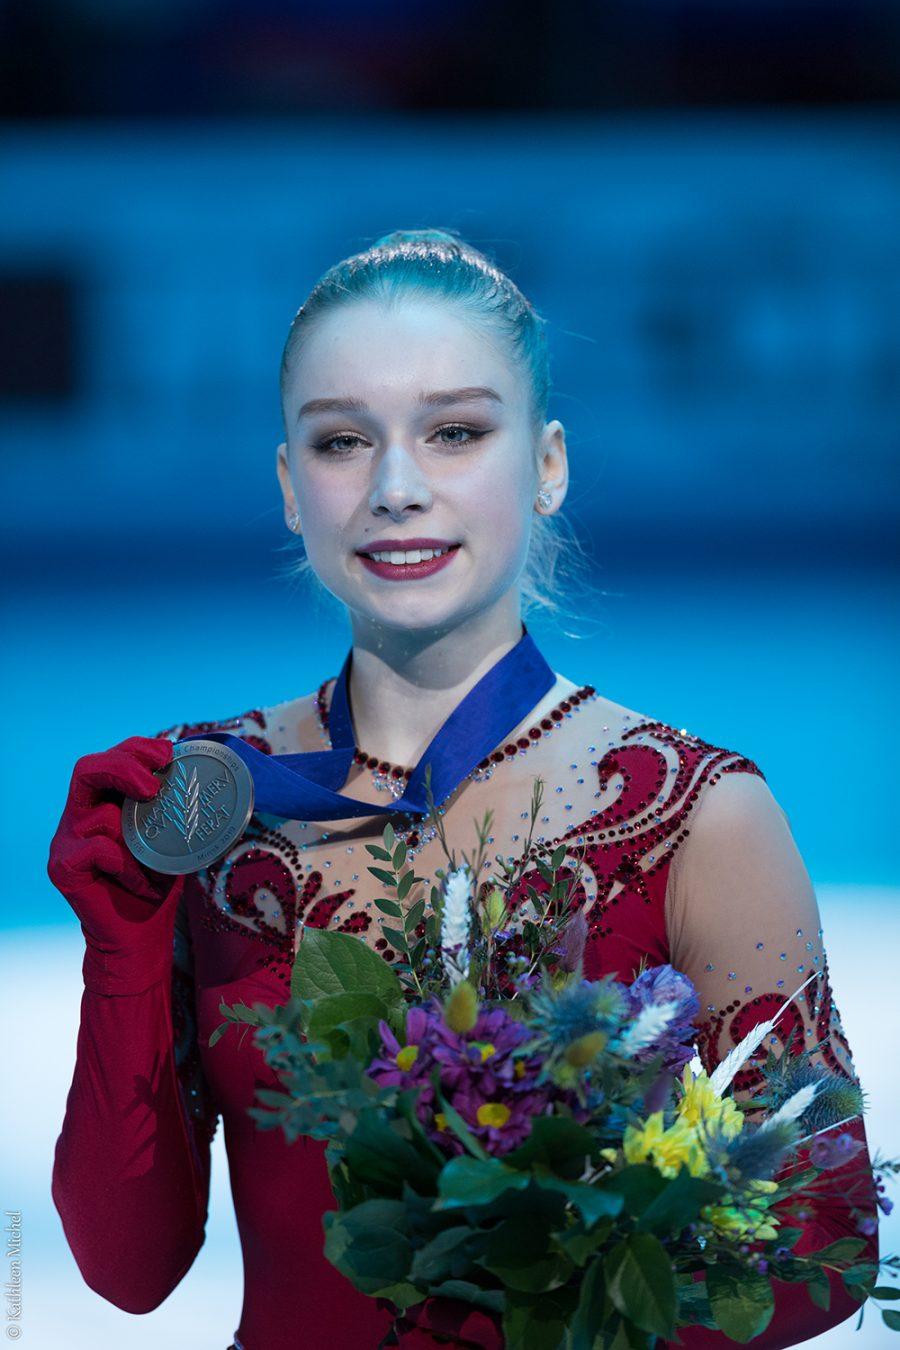 Viveca Lindfors saavutti taitoluistelun EM-pronssia Minskissä, jossa hän luisteli omat ennätyspisteensä 194,40.